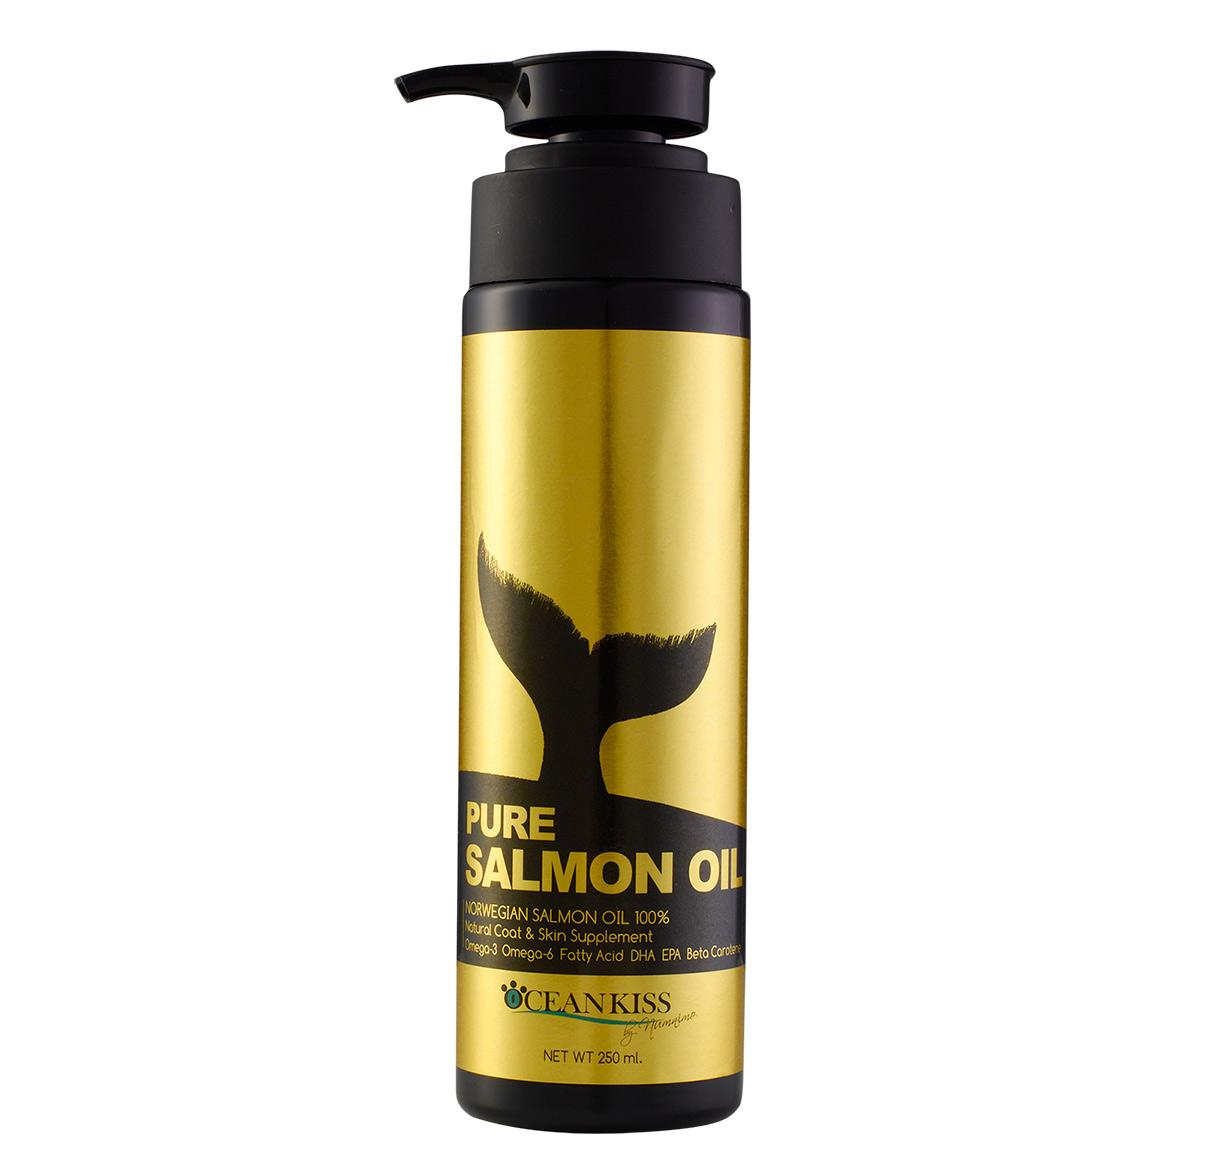 น้ำมันปลาแซลมอน 100% OCEANKISS Pure Salmon Oil